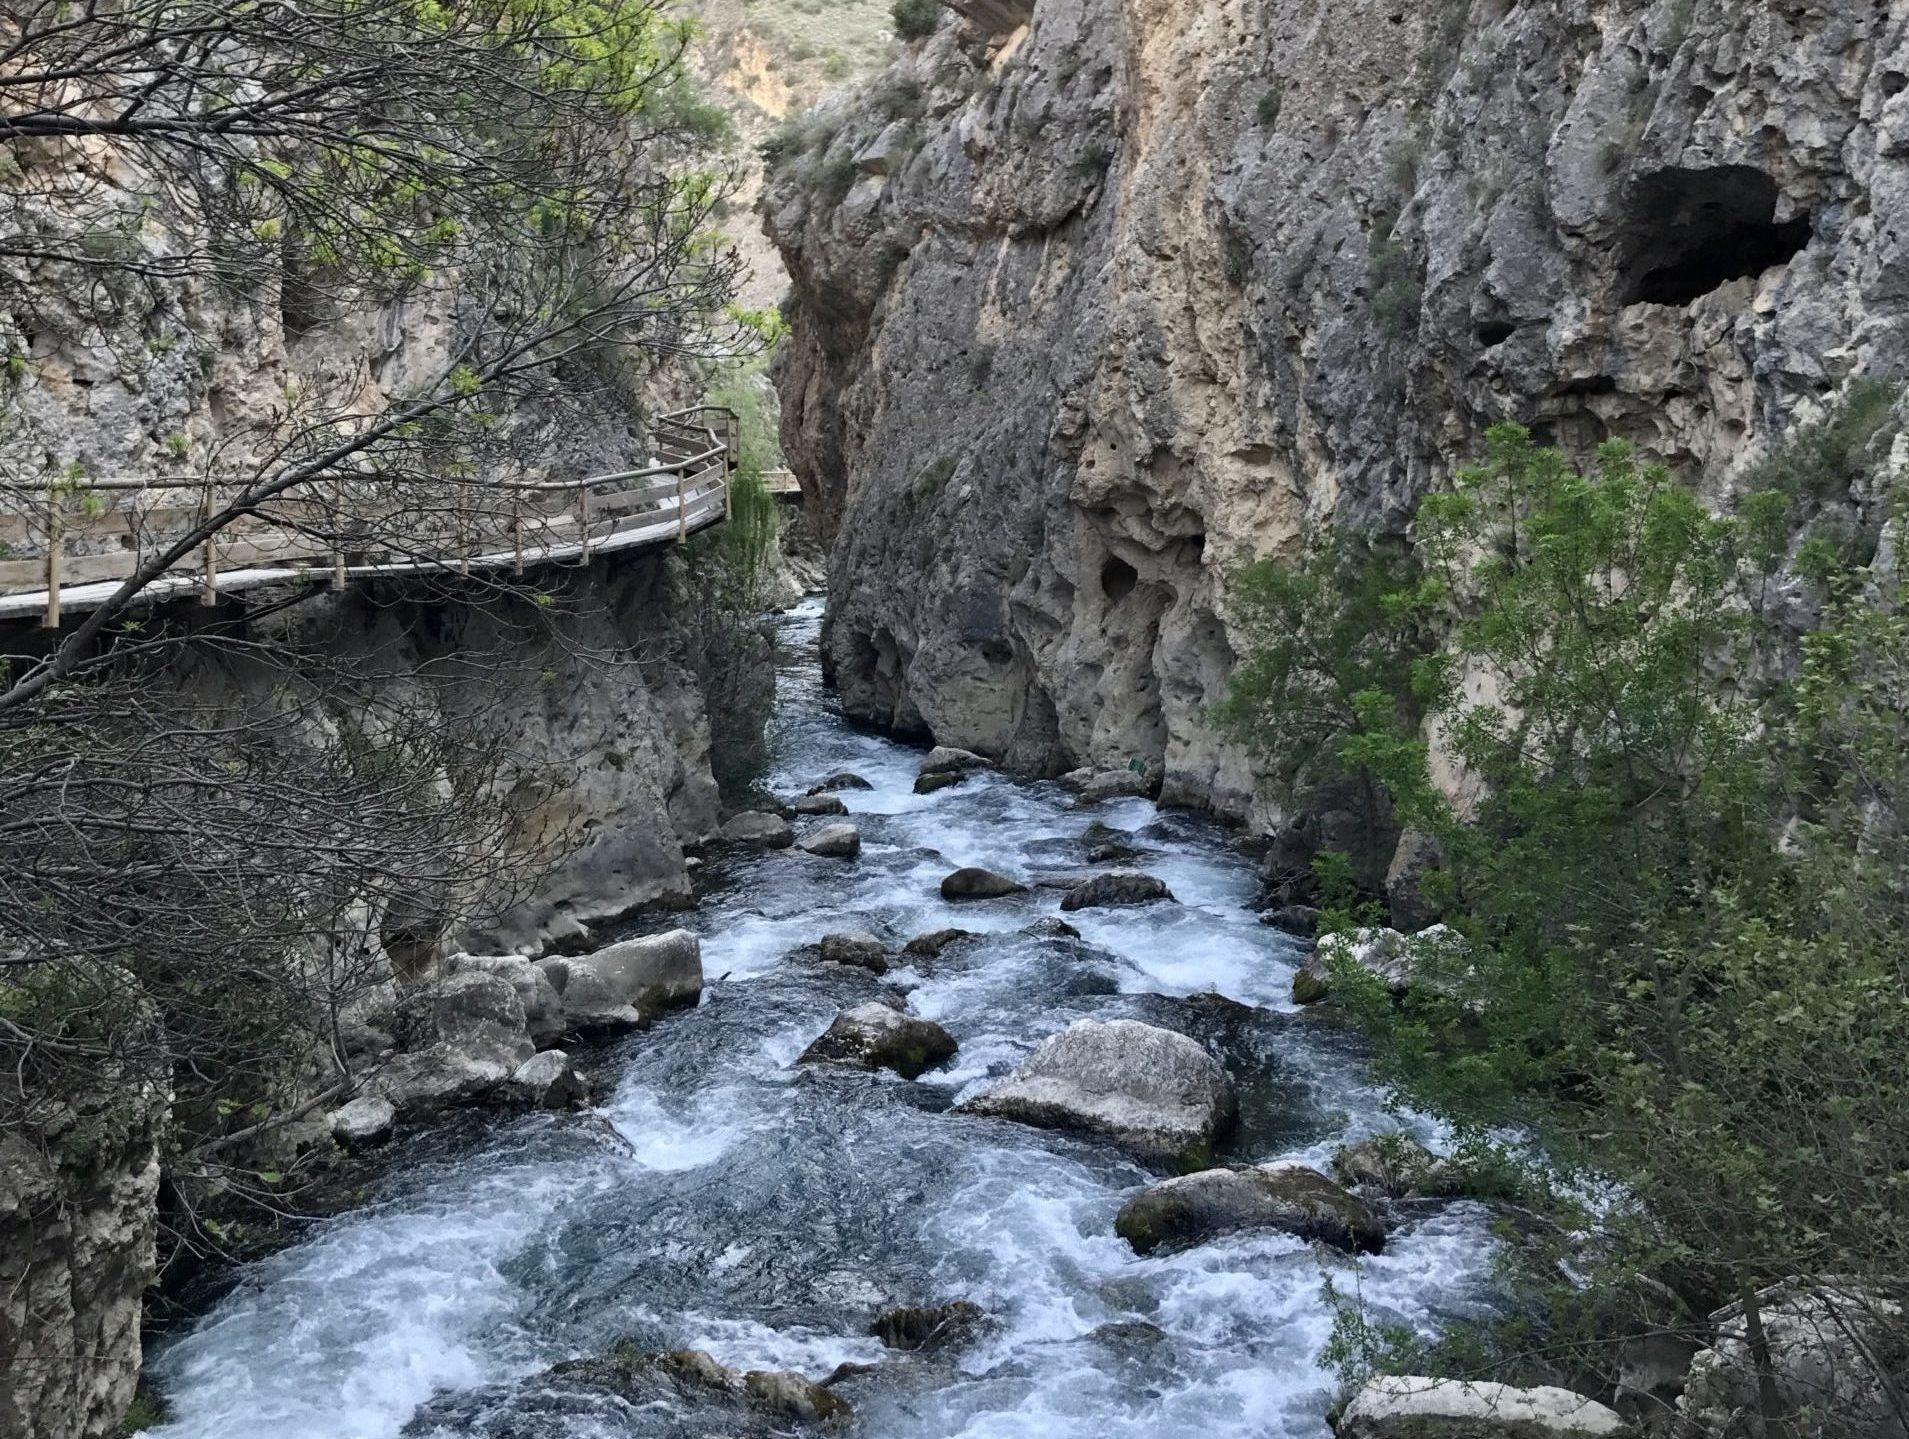 Castril scaled e1587923575226 - Sierra de Castril-Andalucía-España